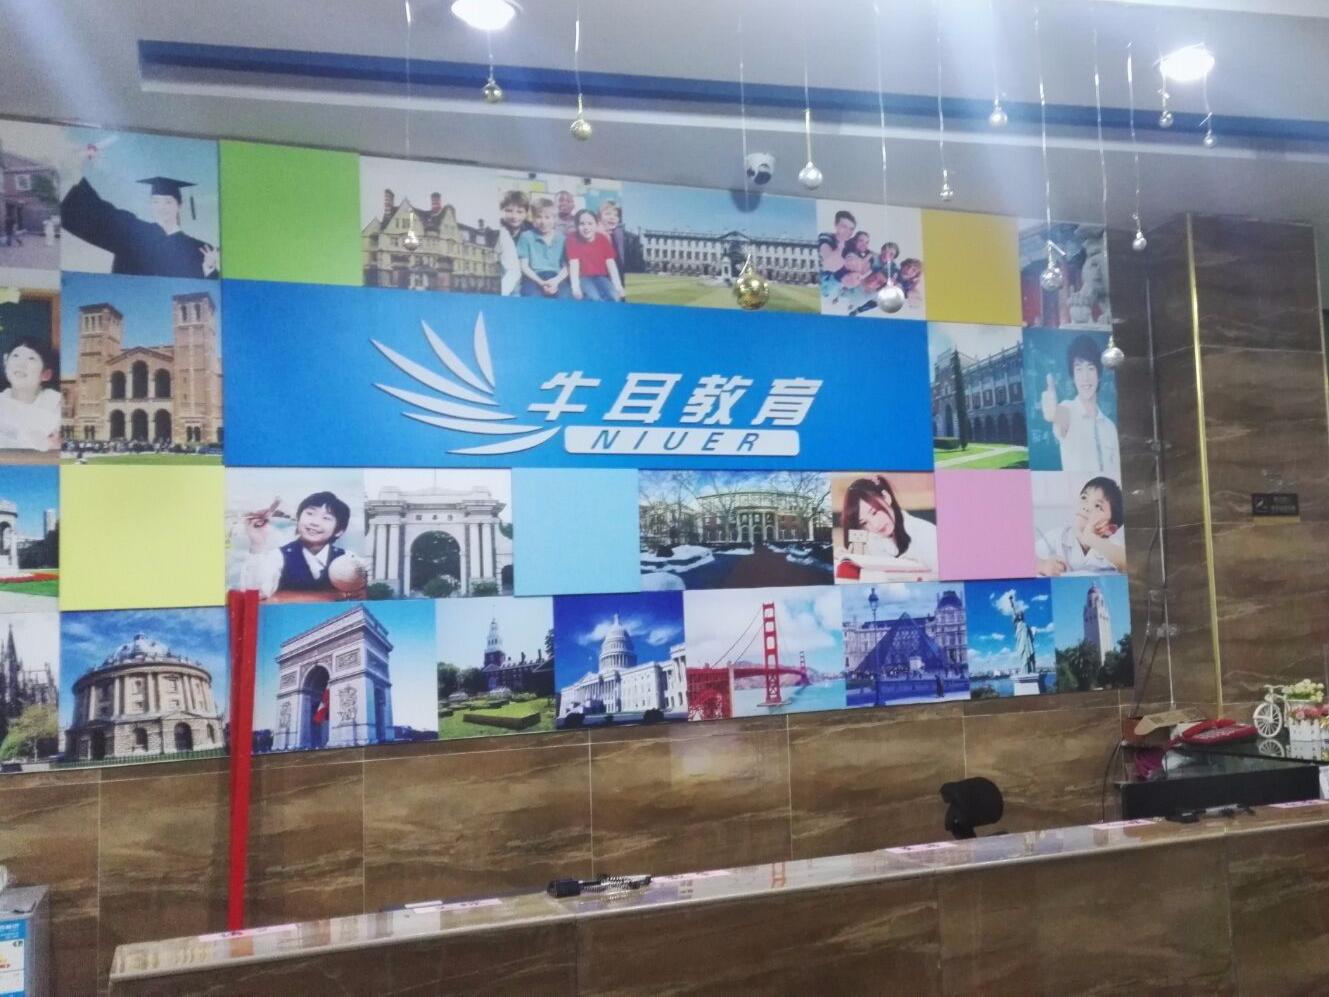 桂林市牛耳文化教育培训学校